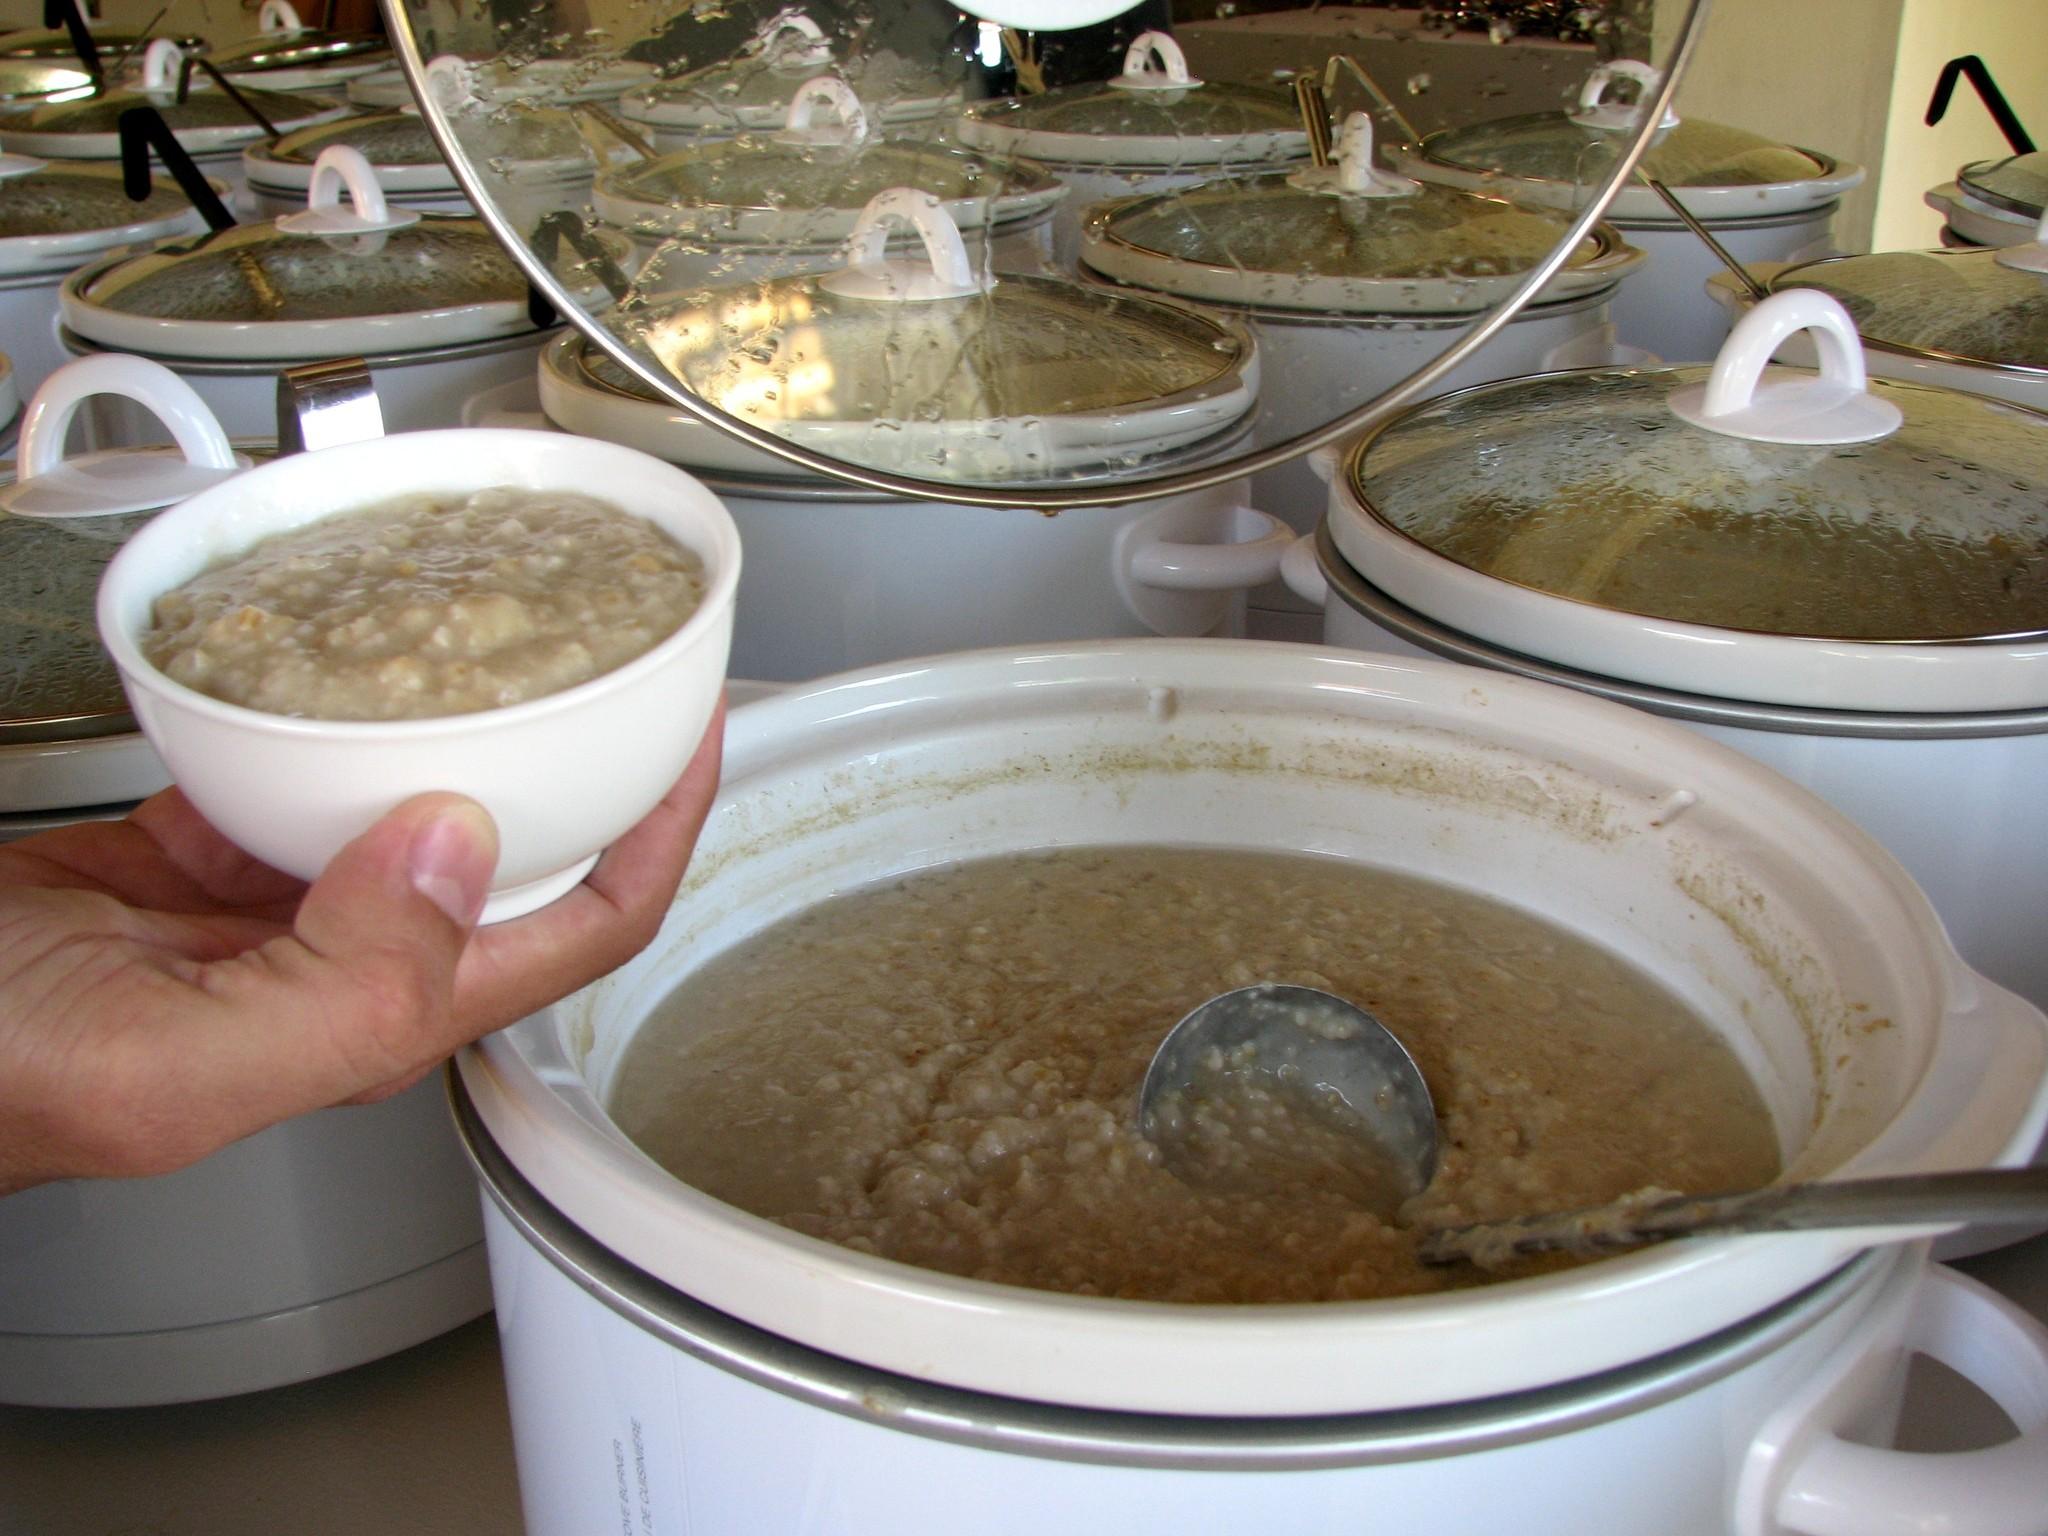 Pots of oats